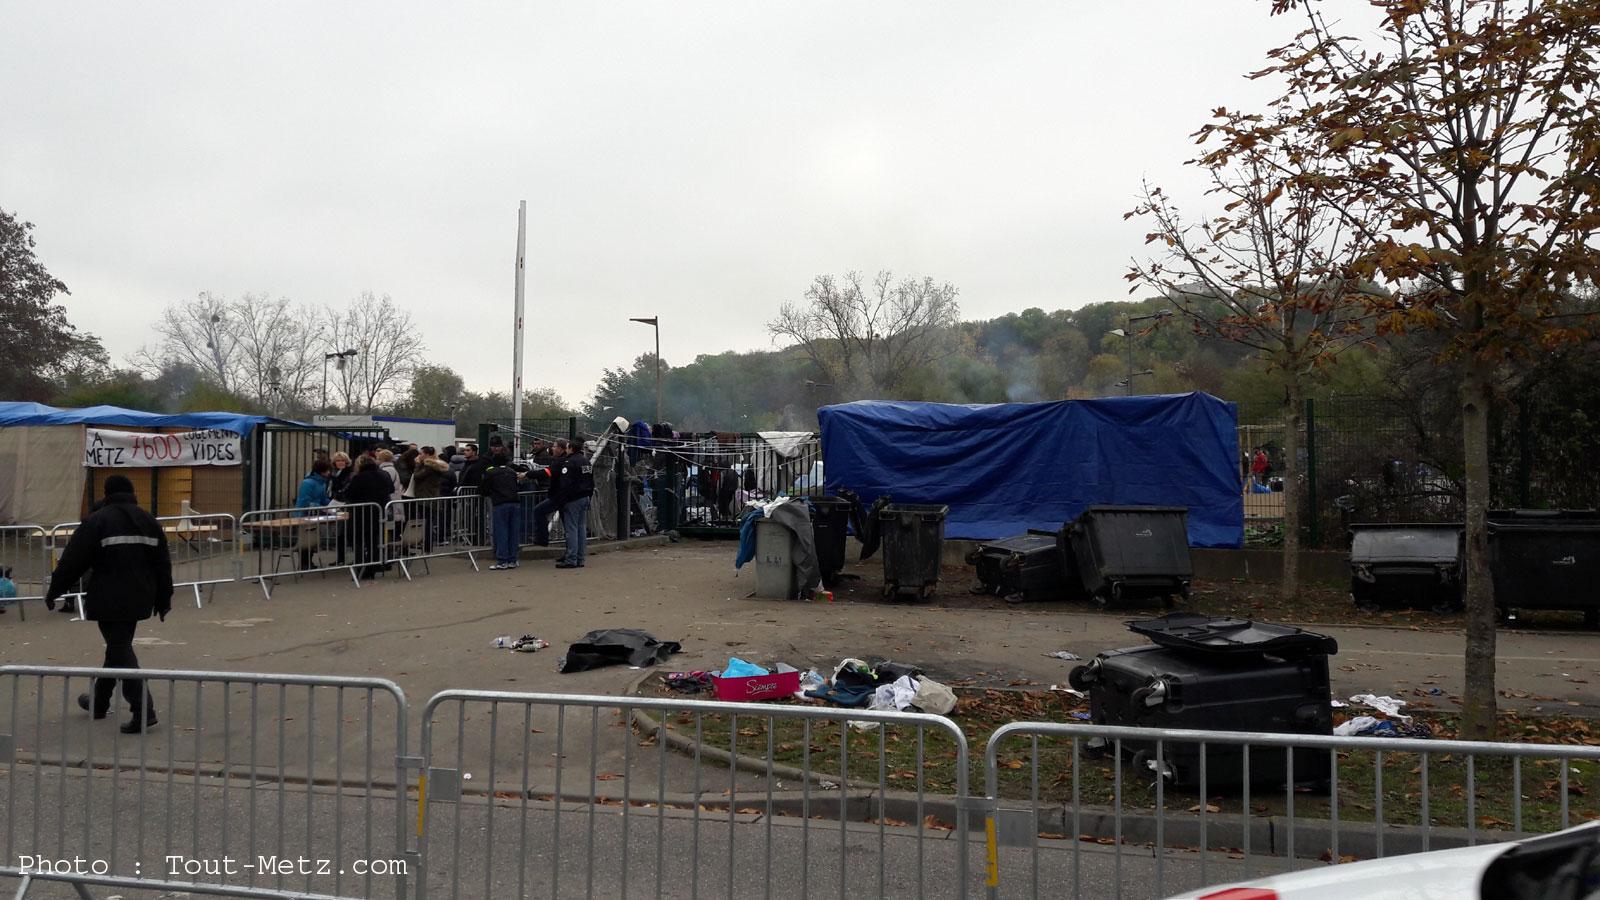 Metz : le camp de Blida accueille à nouveau des demandeurs d'asile